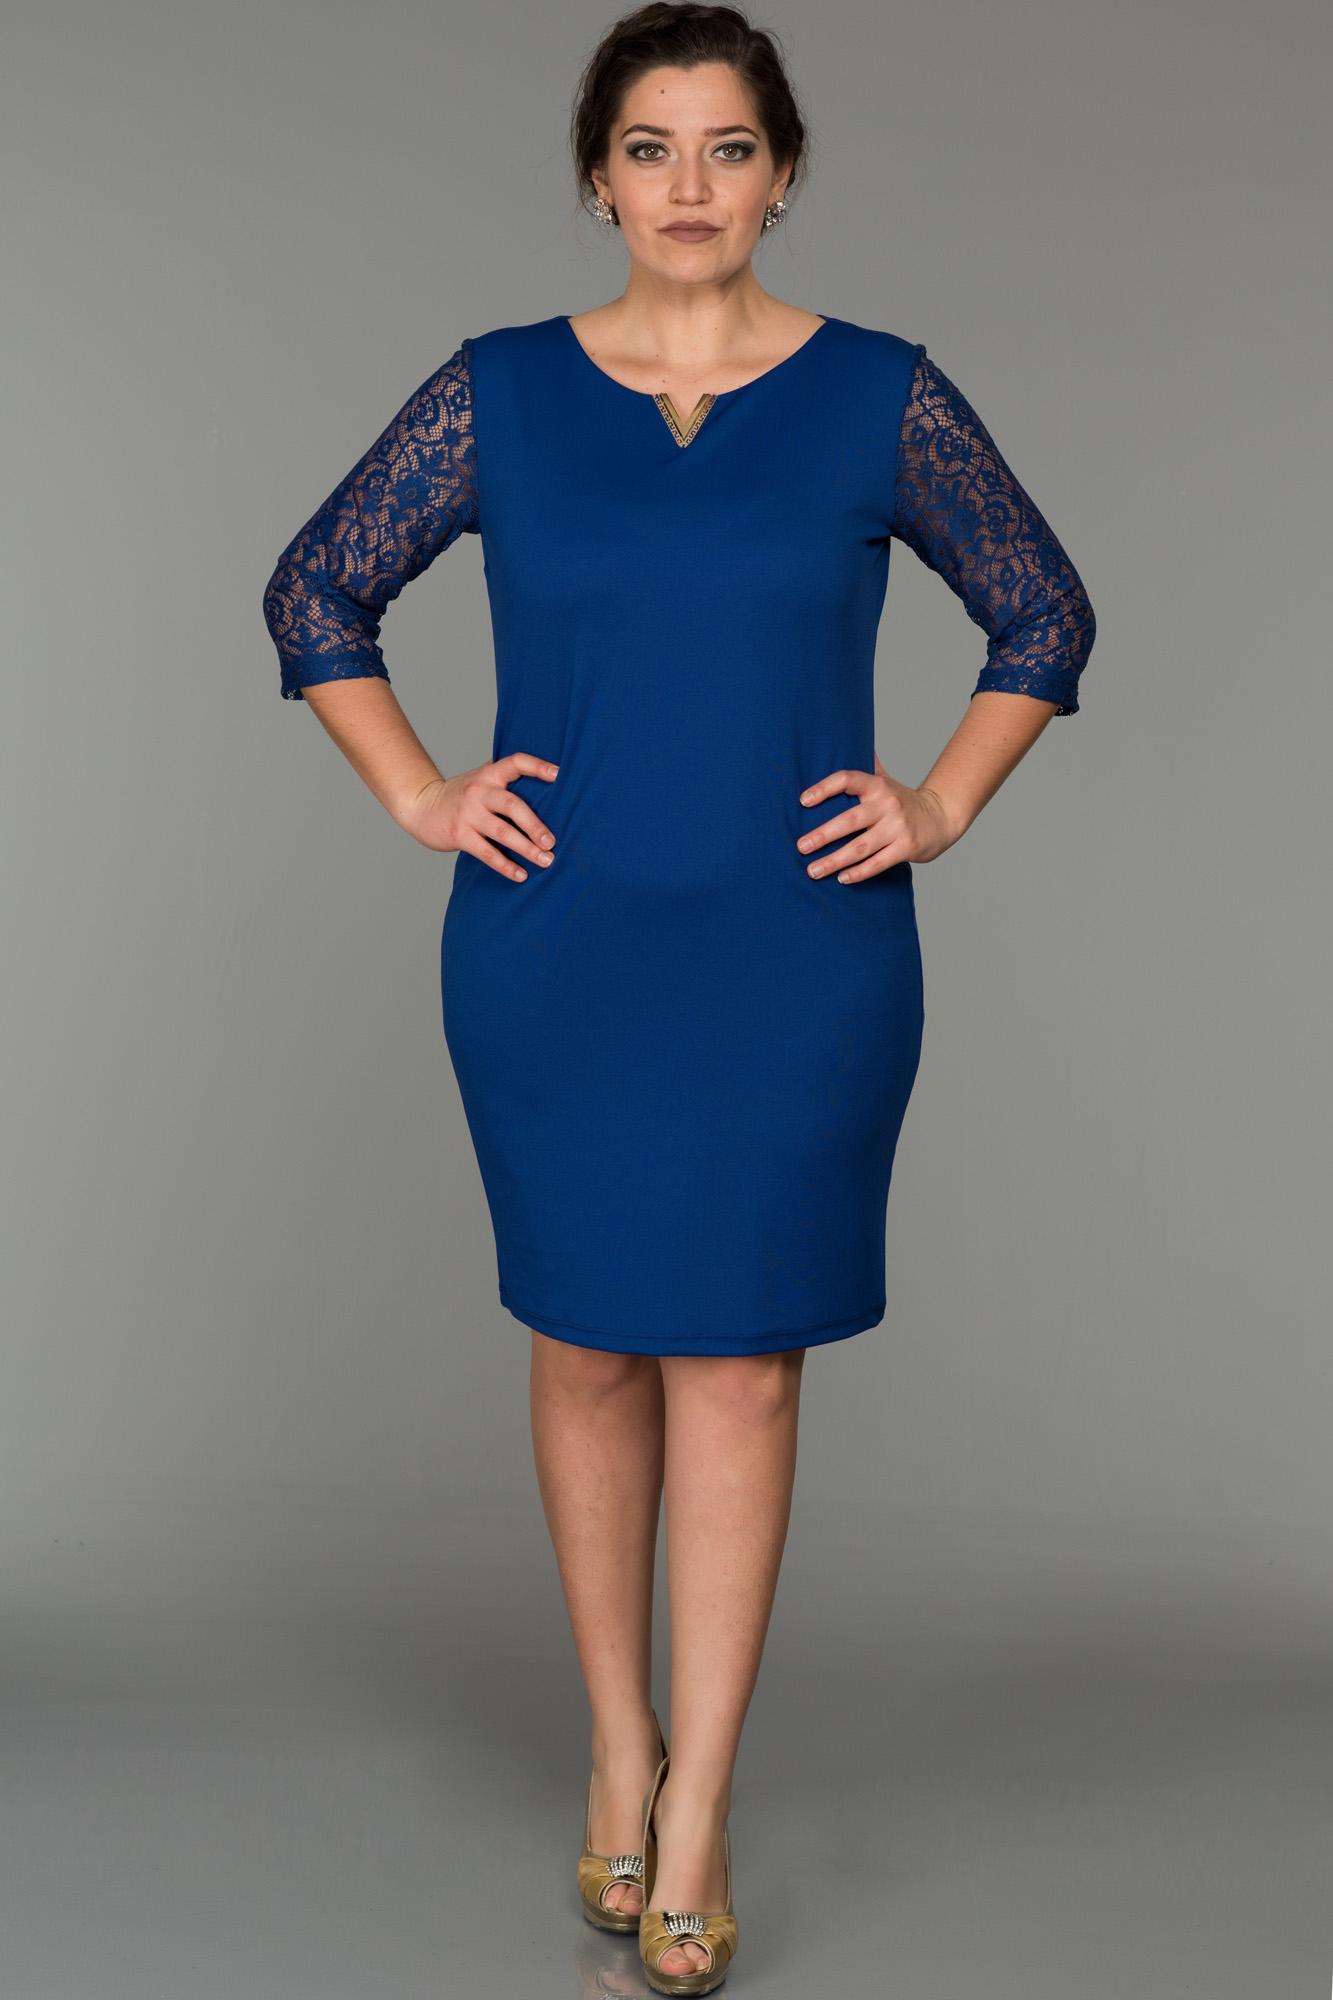 Kısa Saks Mavi Işlemeli Büyük Beden Elbise